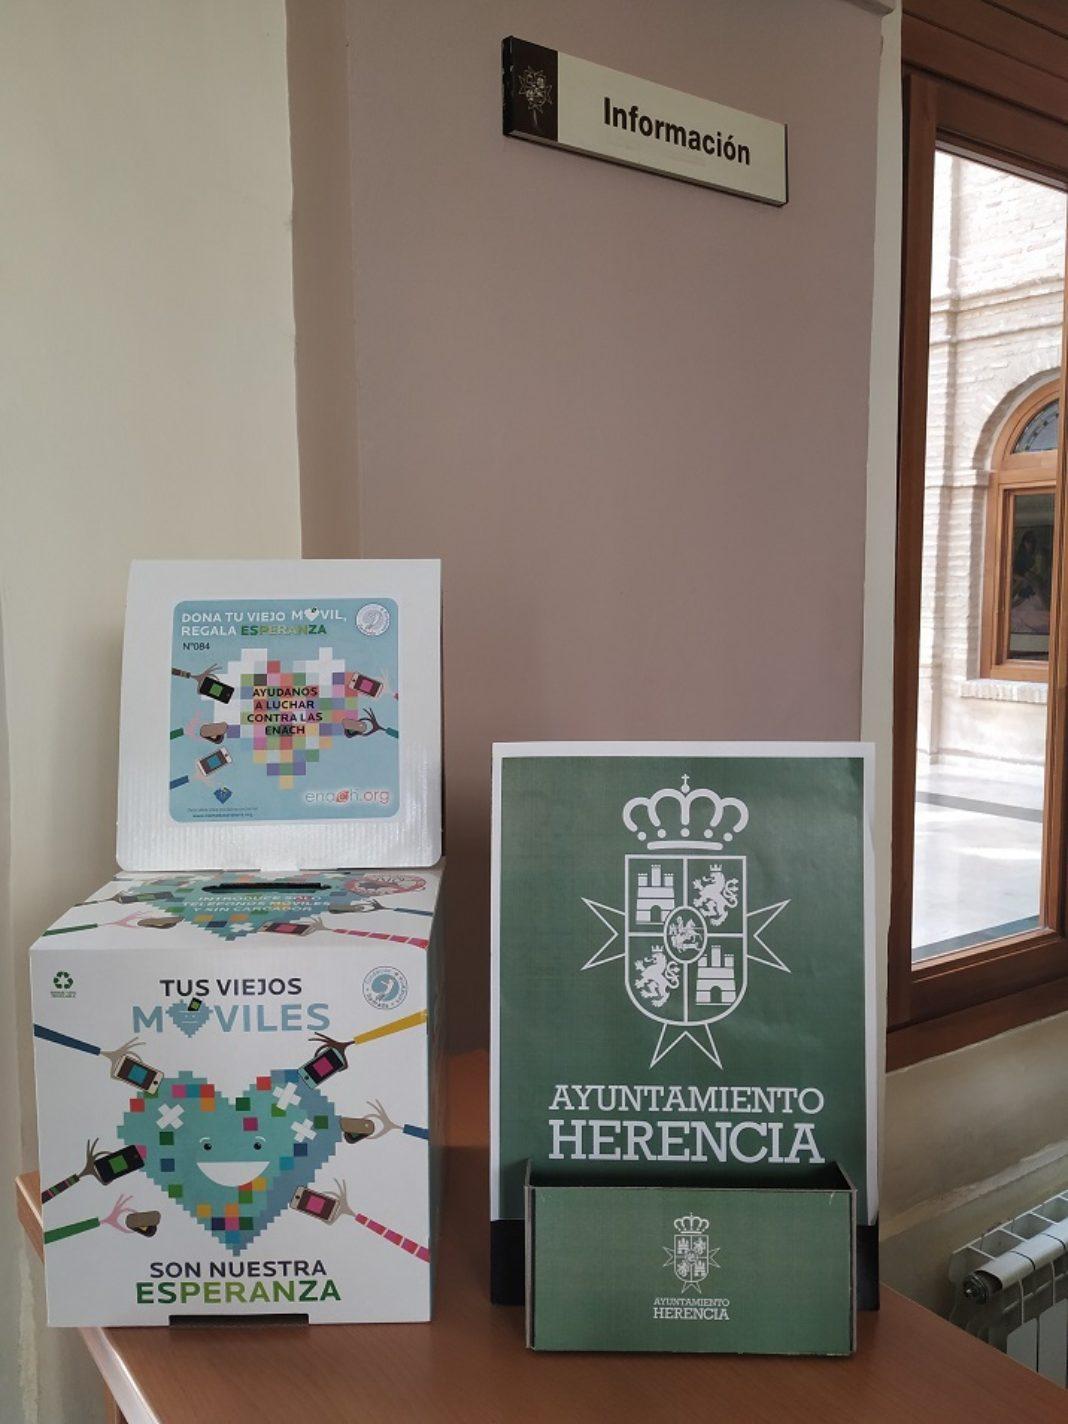 El Ayuntamiento de Herencia colabora con la asociación ENACH 4